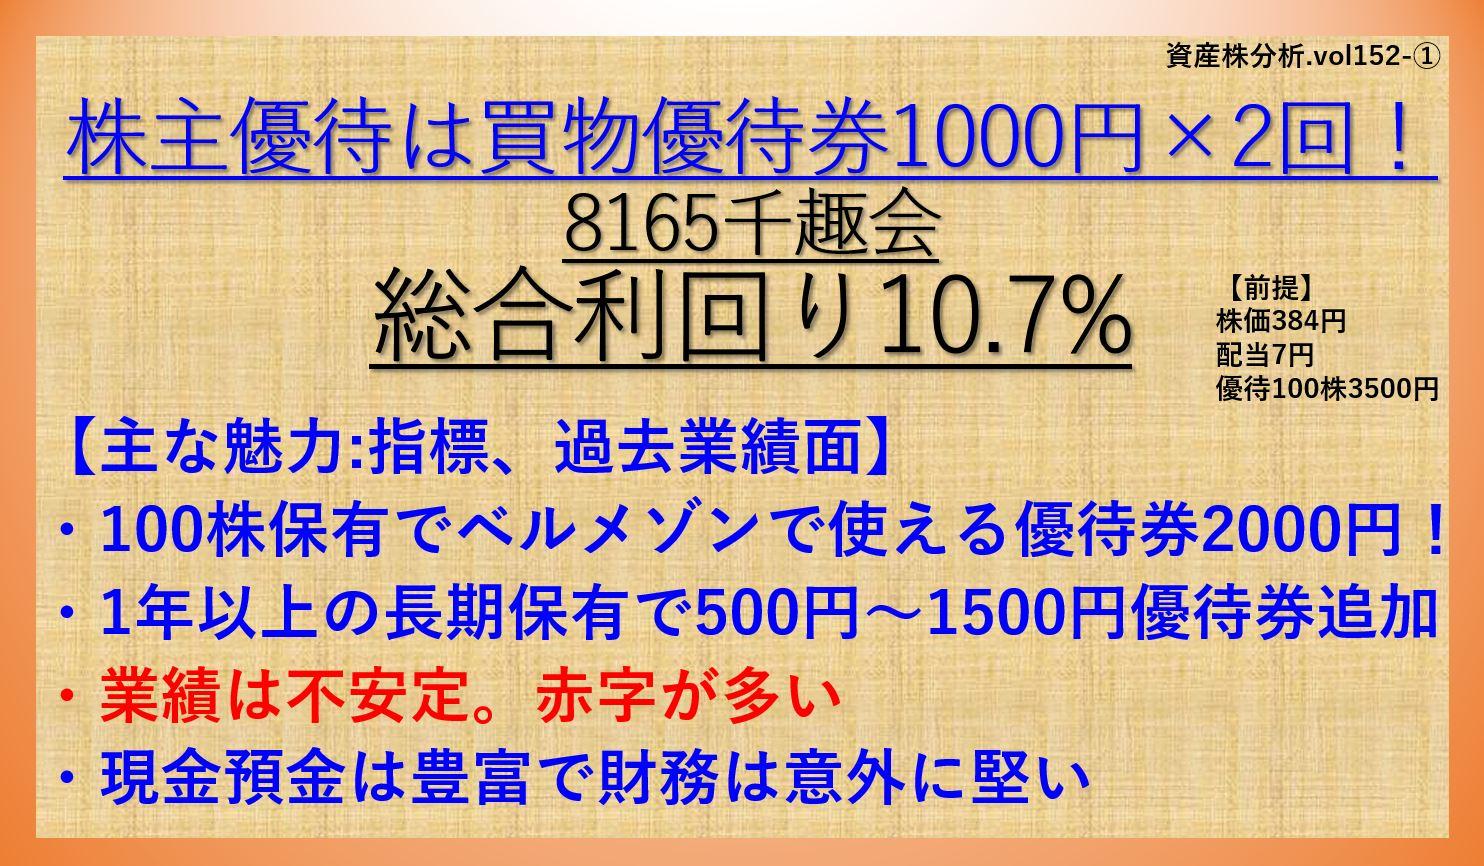 資産株-千趣会-8165-①